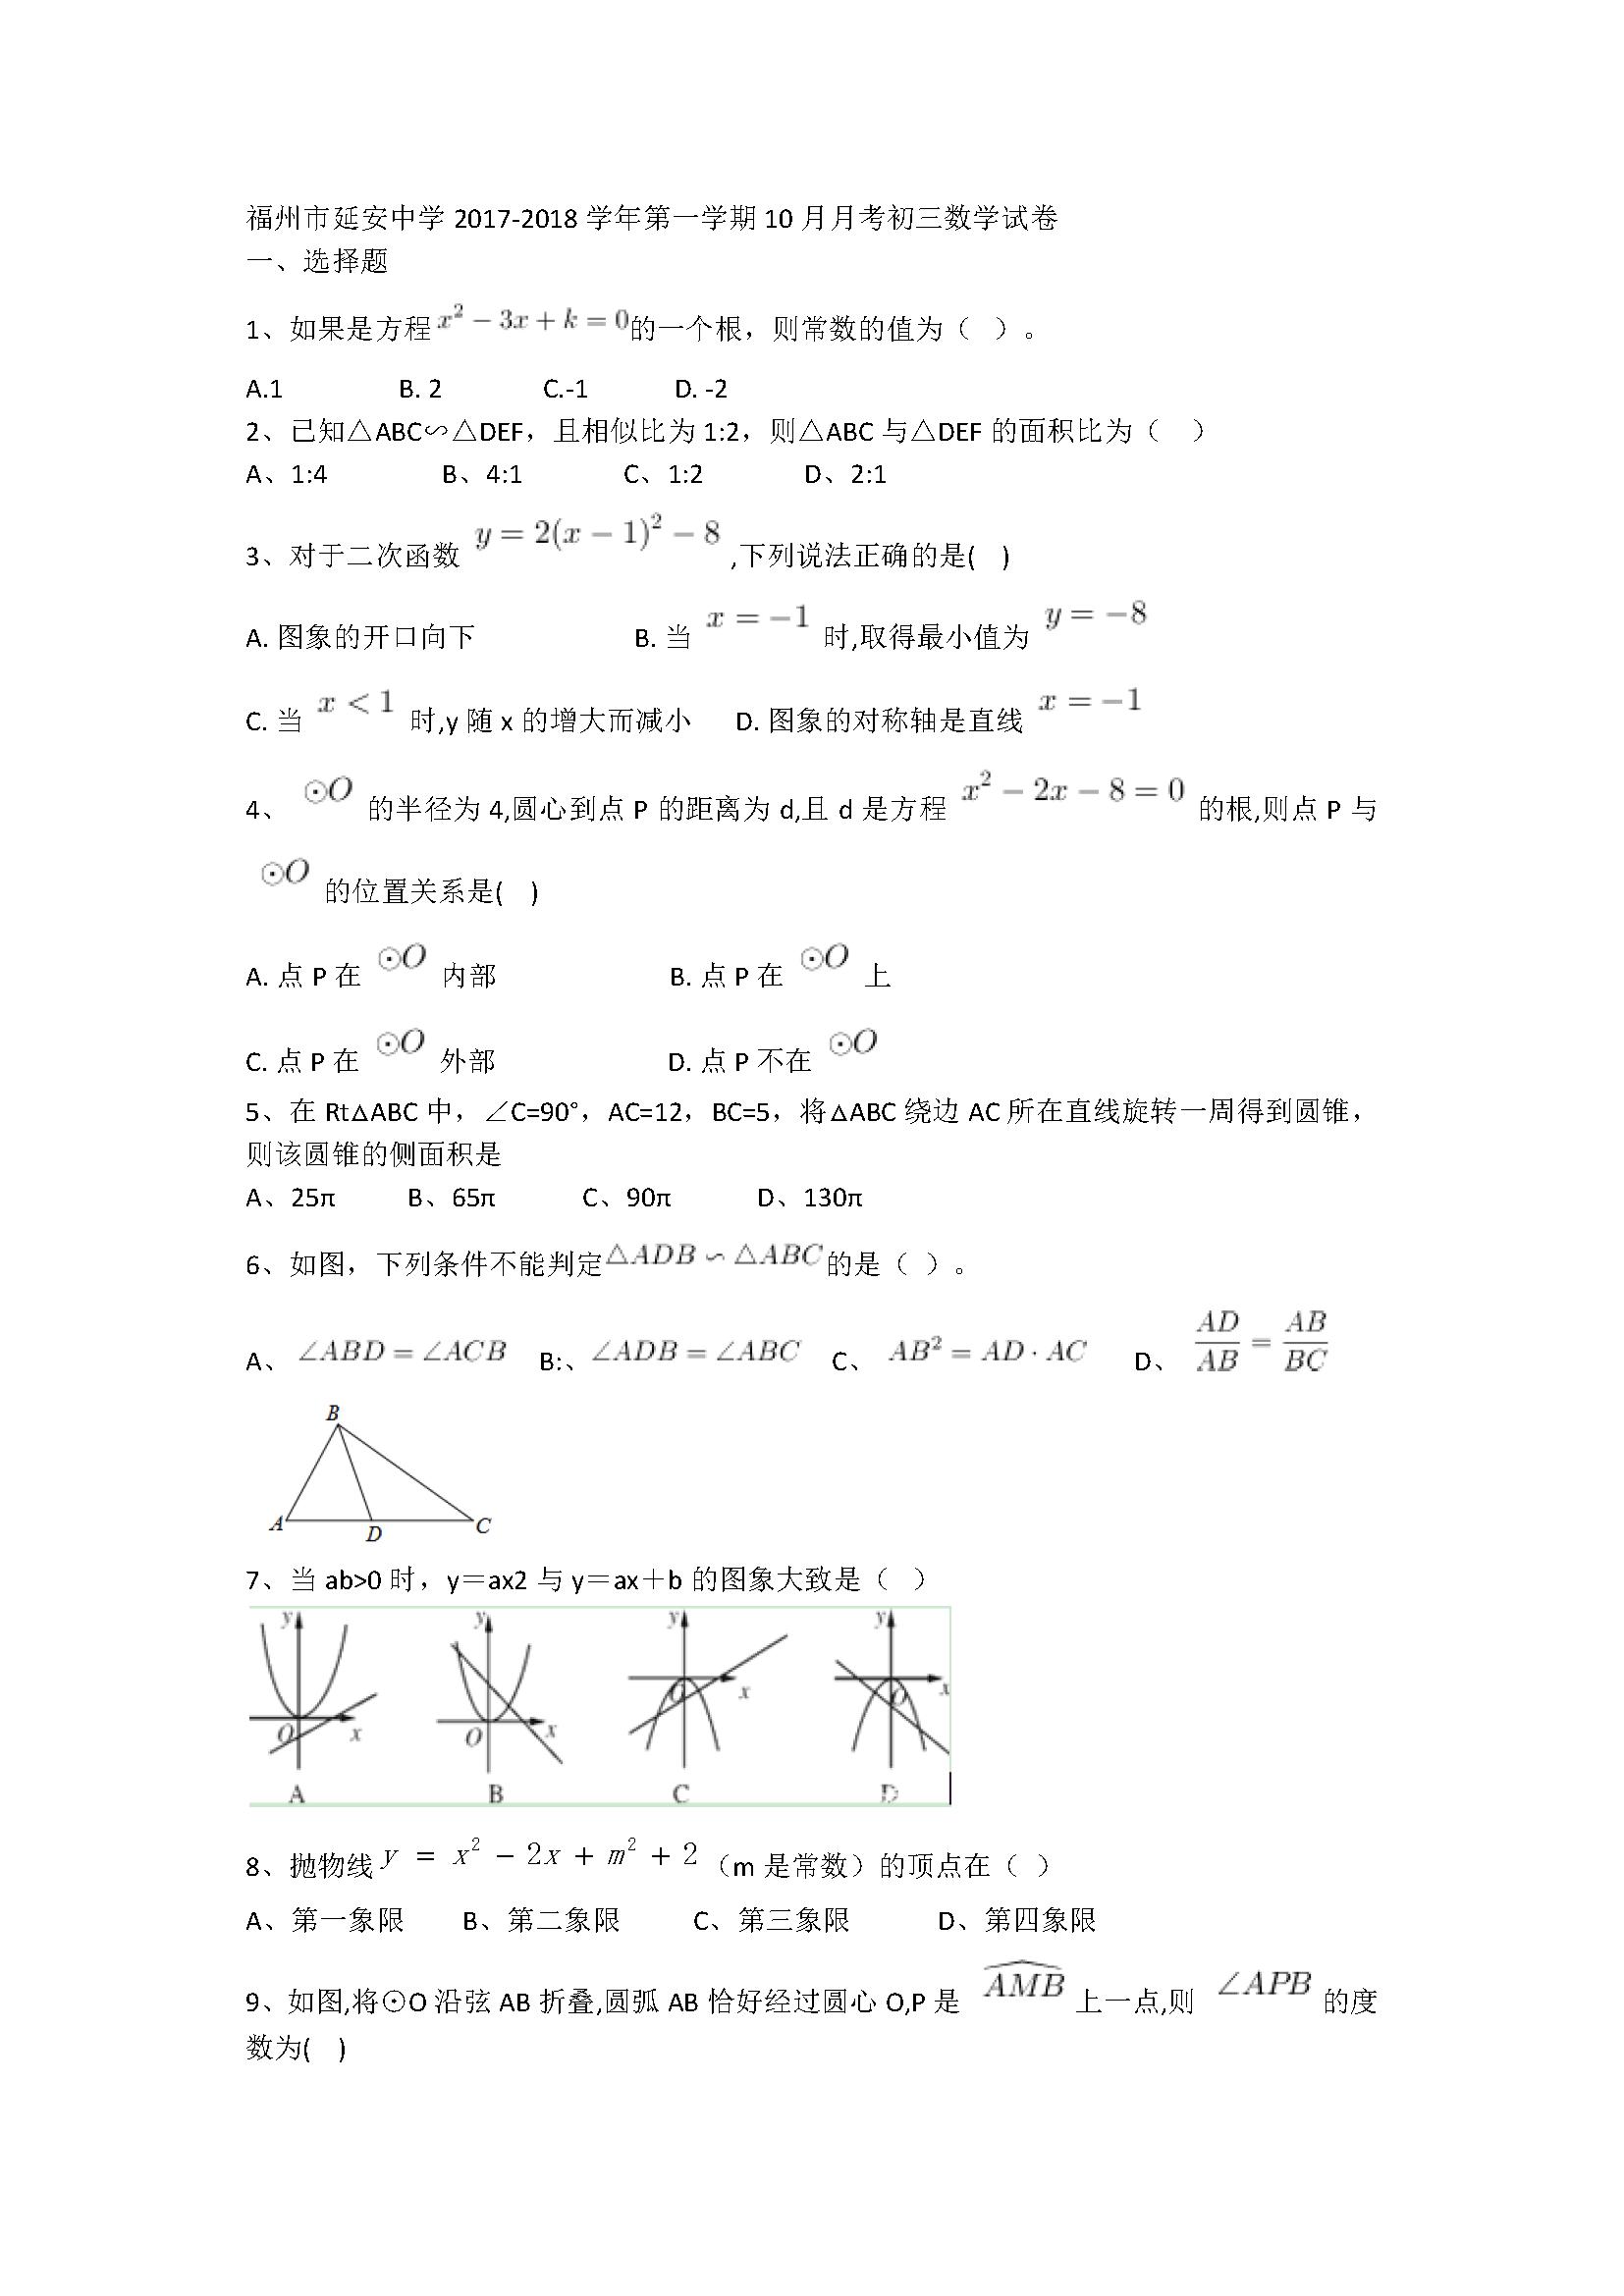 2018届福建福州延安中学初三上数学10月月考试卷(图片版)